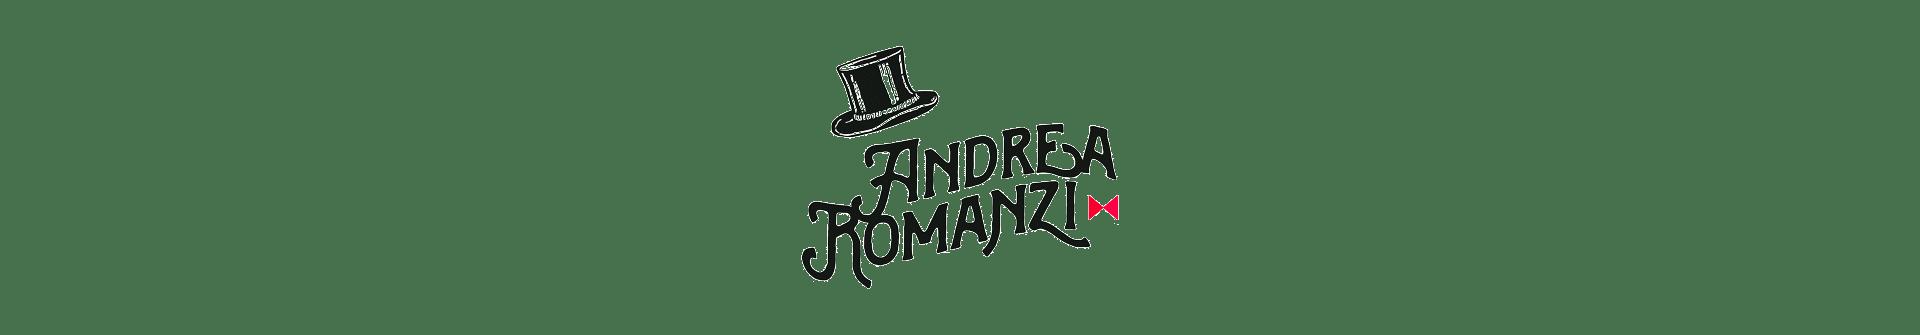 Wider View Portfolio Andrea Romanzi Logo